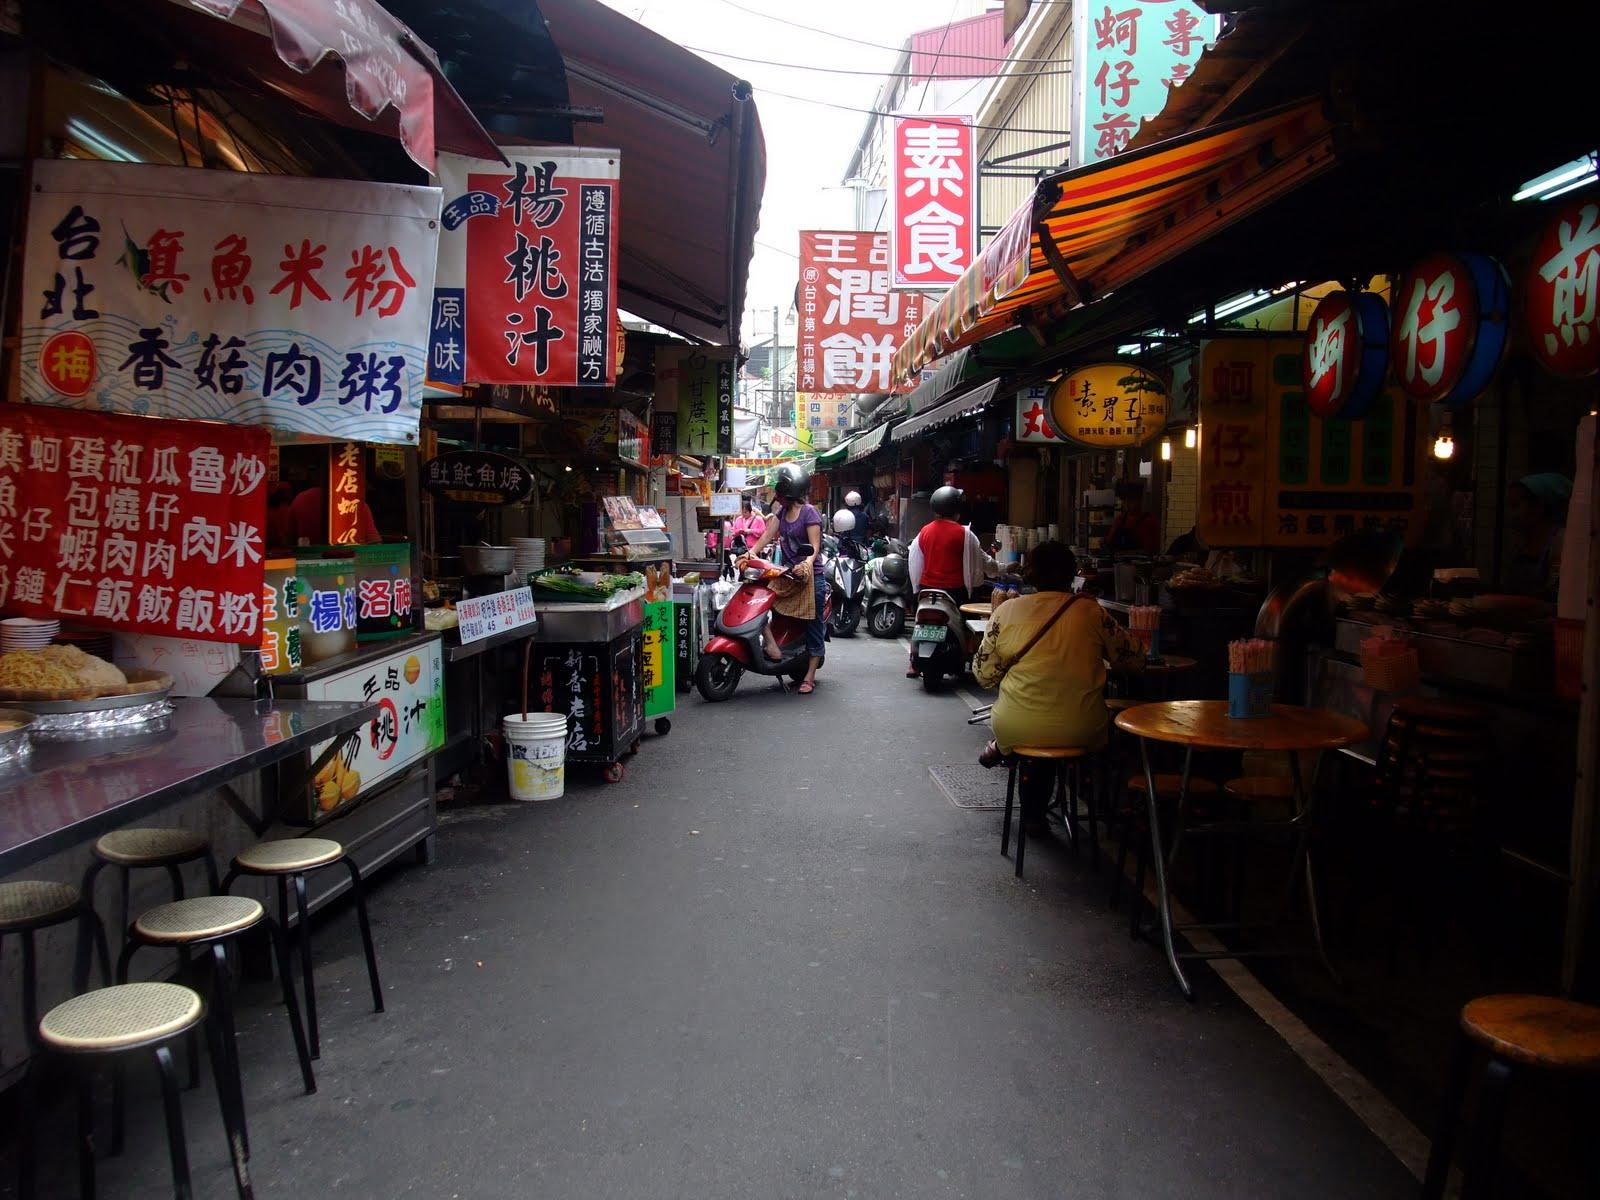 春暖花開: 豐原廟東小吃 Fengyuan Temple East snacks